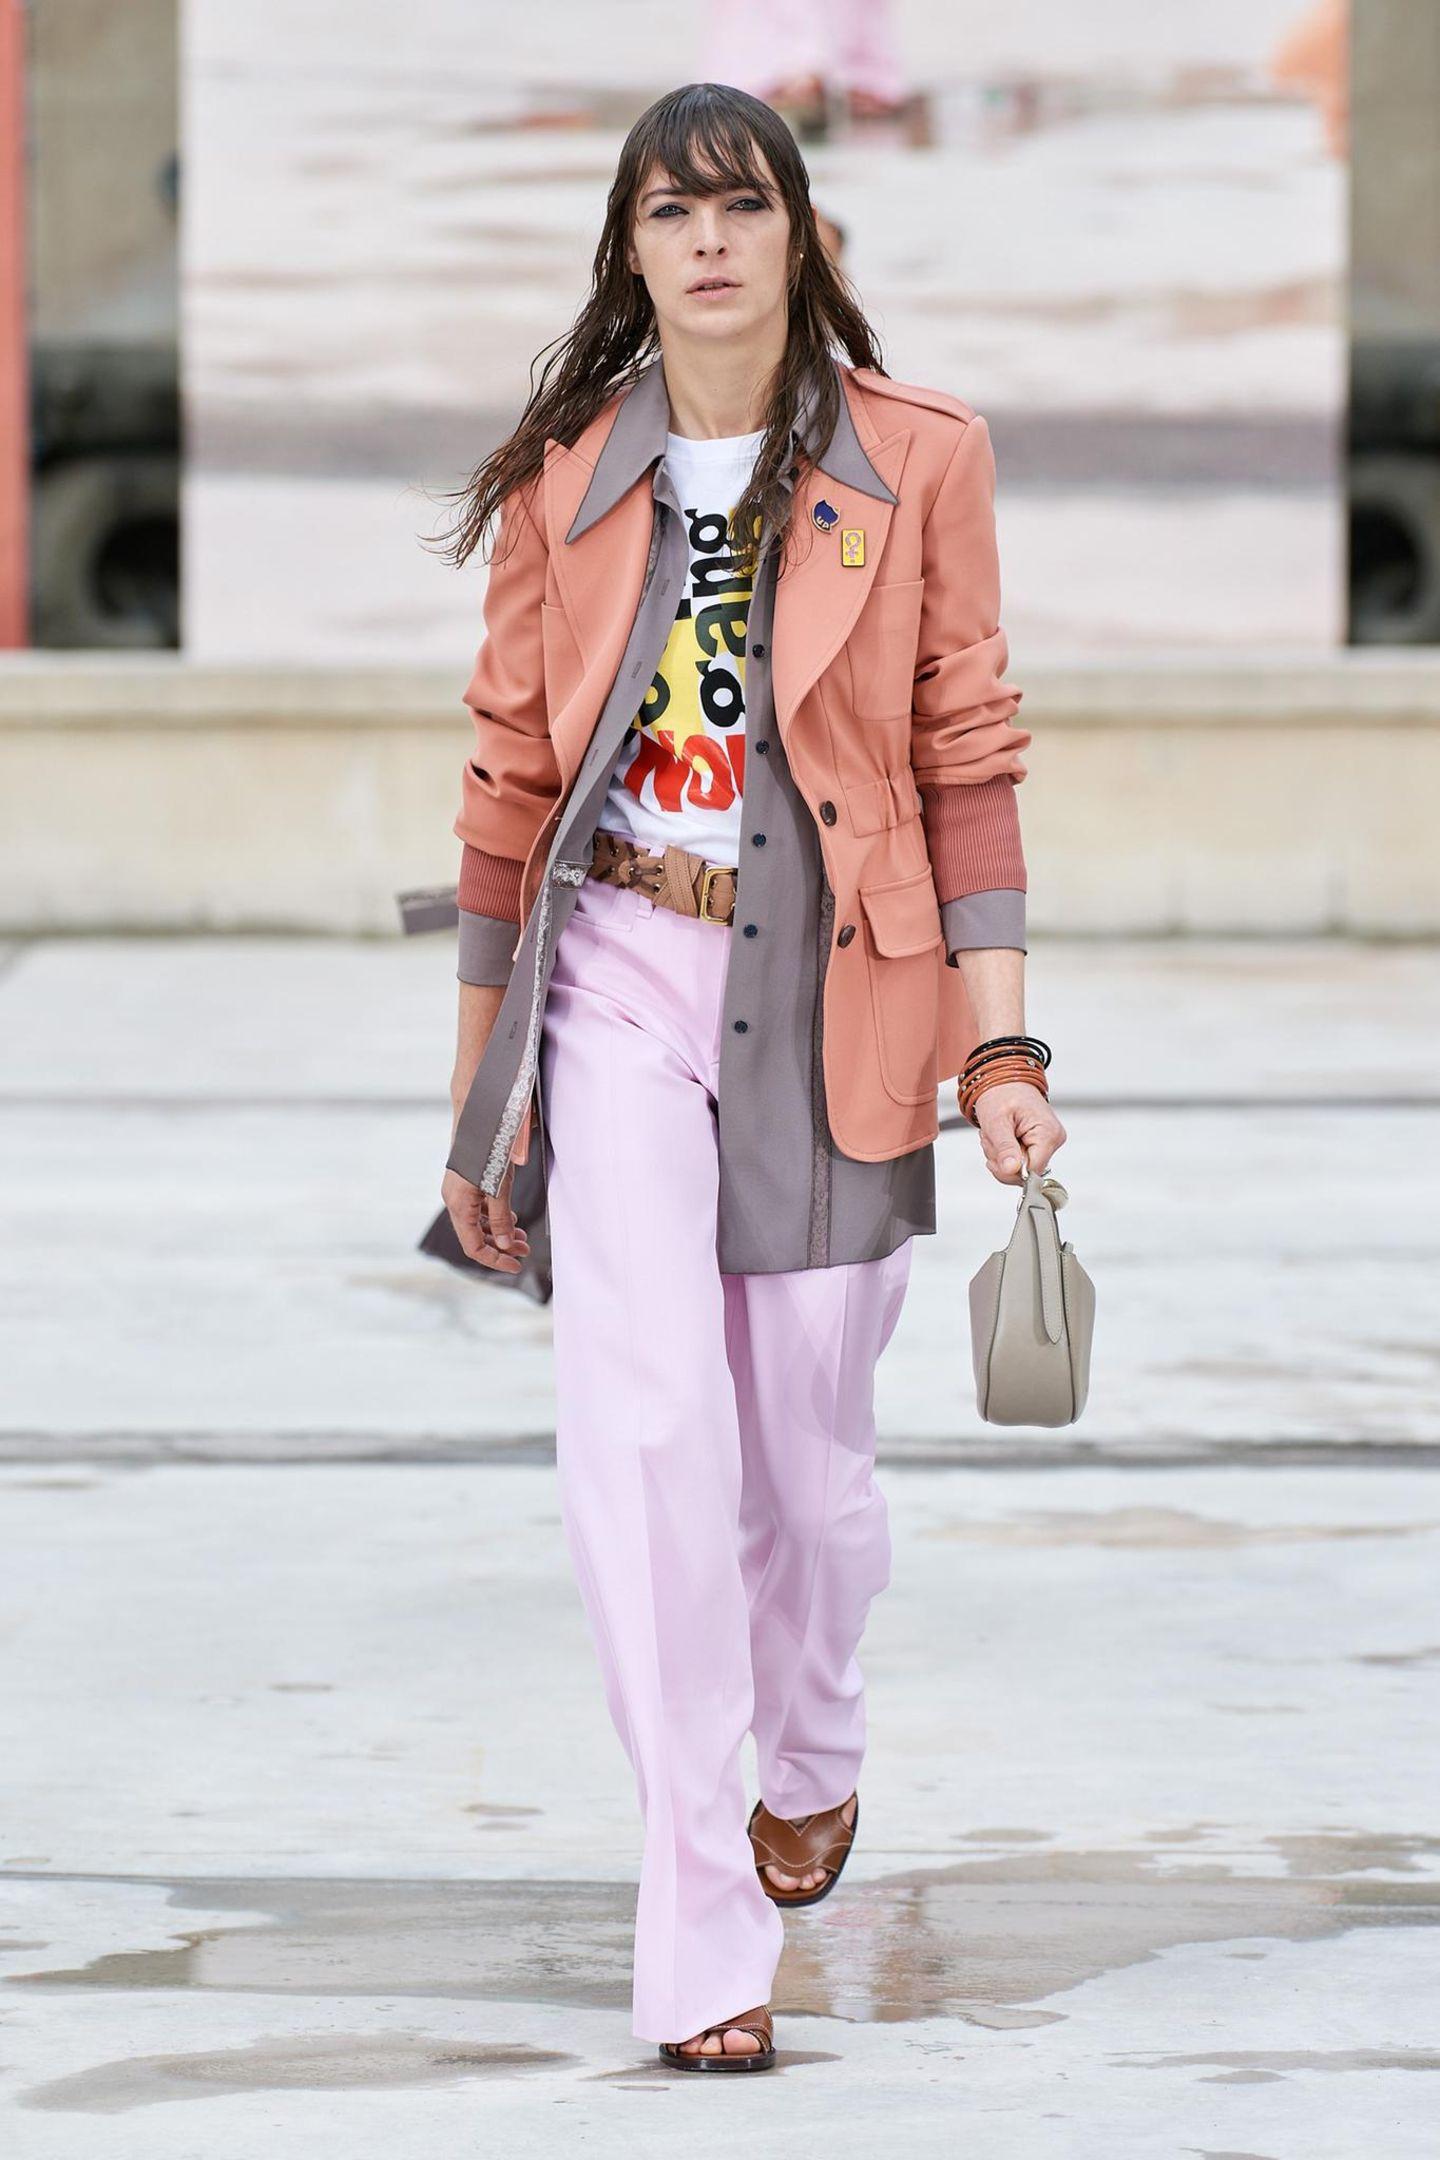 Wet-Hair-Look, Print-Shirt, eine weite Stoffhose und zwei Blazer im Lagenlook – keine Frage, der Chloé-Blazer wird bei der Spring-Sommer-Show 2021 in Paris cool und lässig präsentiert, für die breite Masse ist dieser Look aber vielleicht etwas gewagt. Kates low-key Interpretation des Designer-Looks ist wesentlich alltagstauglicher.